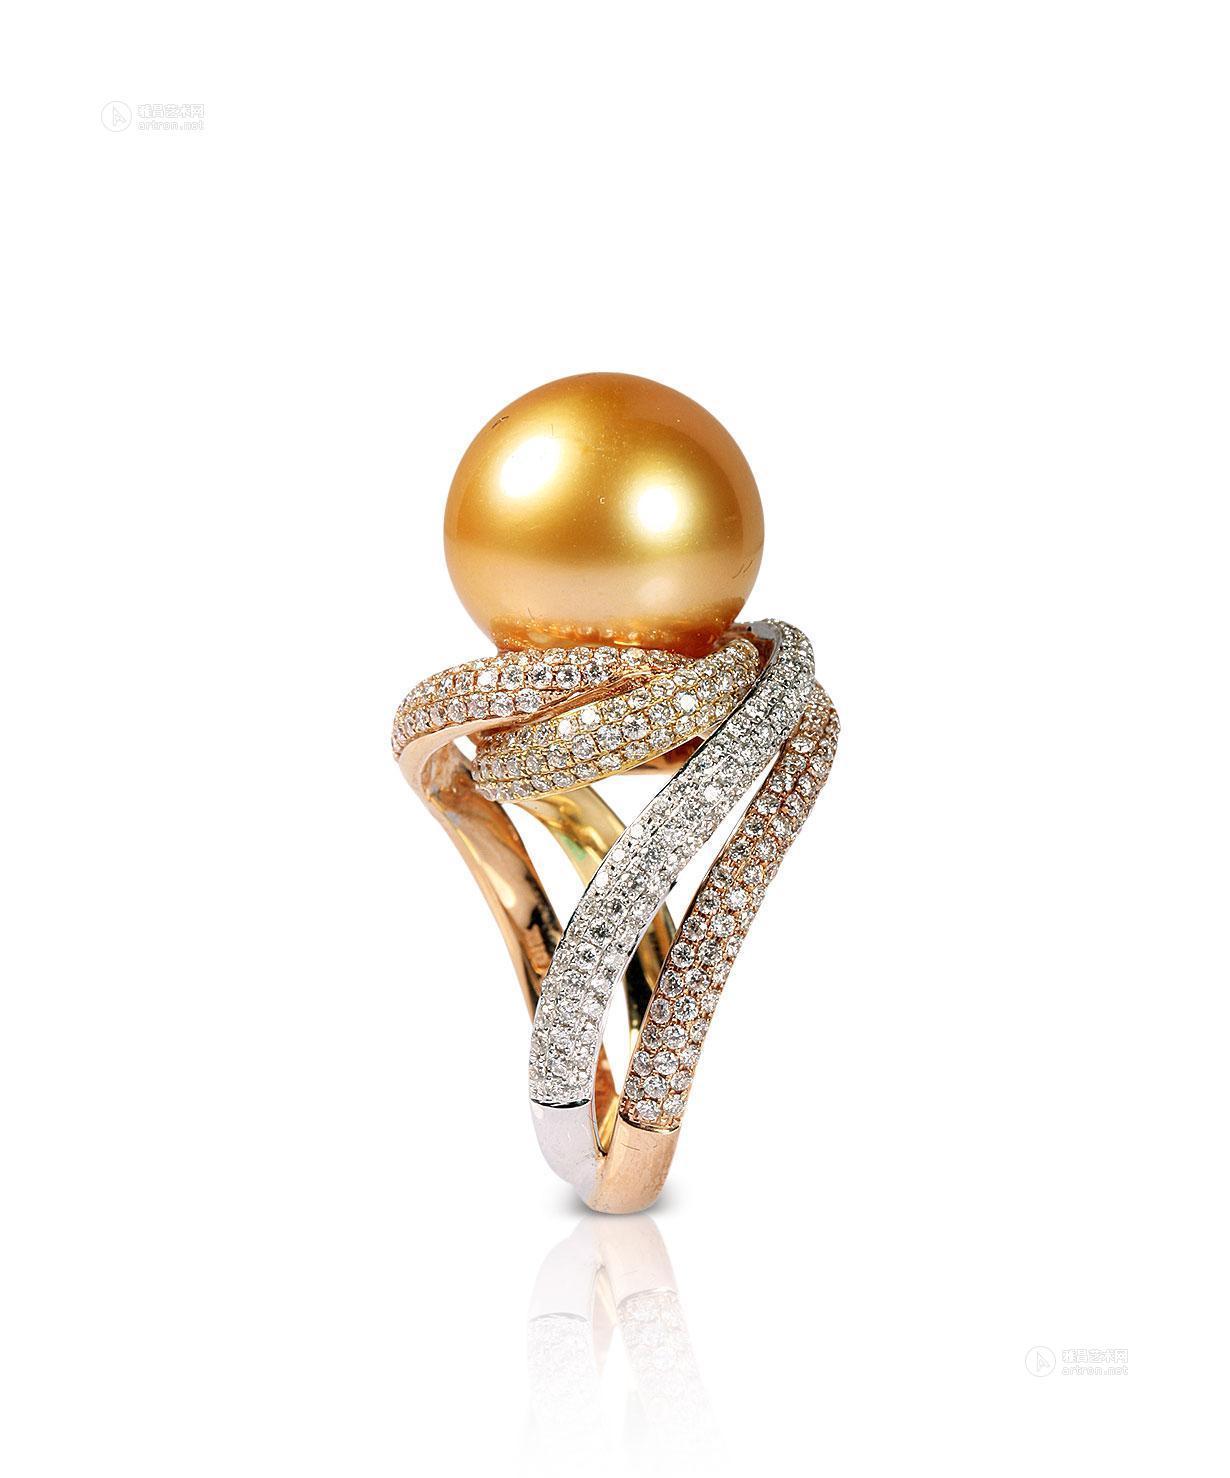 1514 珍珠镶钻戒指